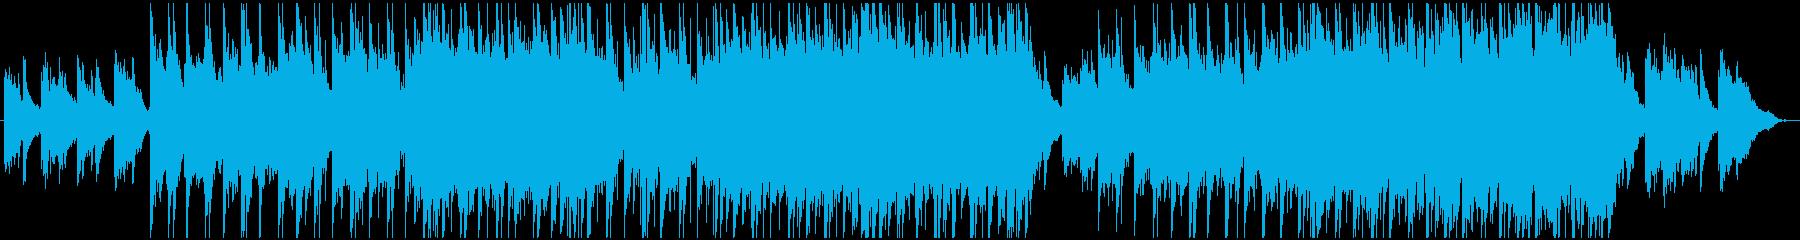 記憶に残るメロディーのエレクトロニックミの再生済みの波形